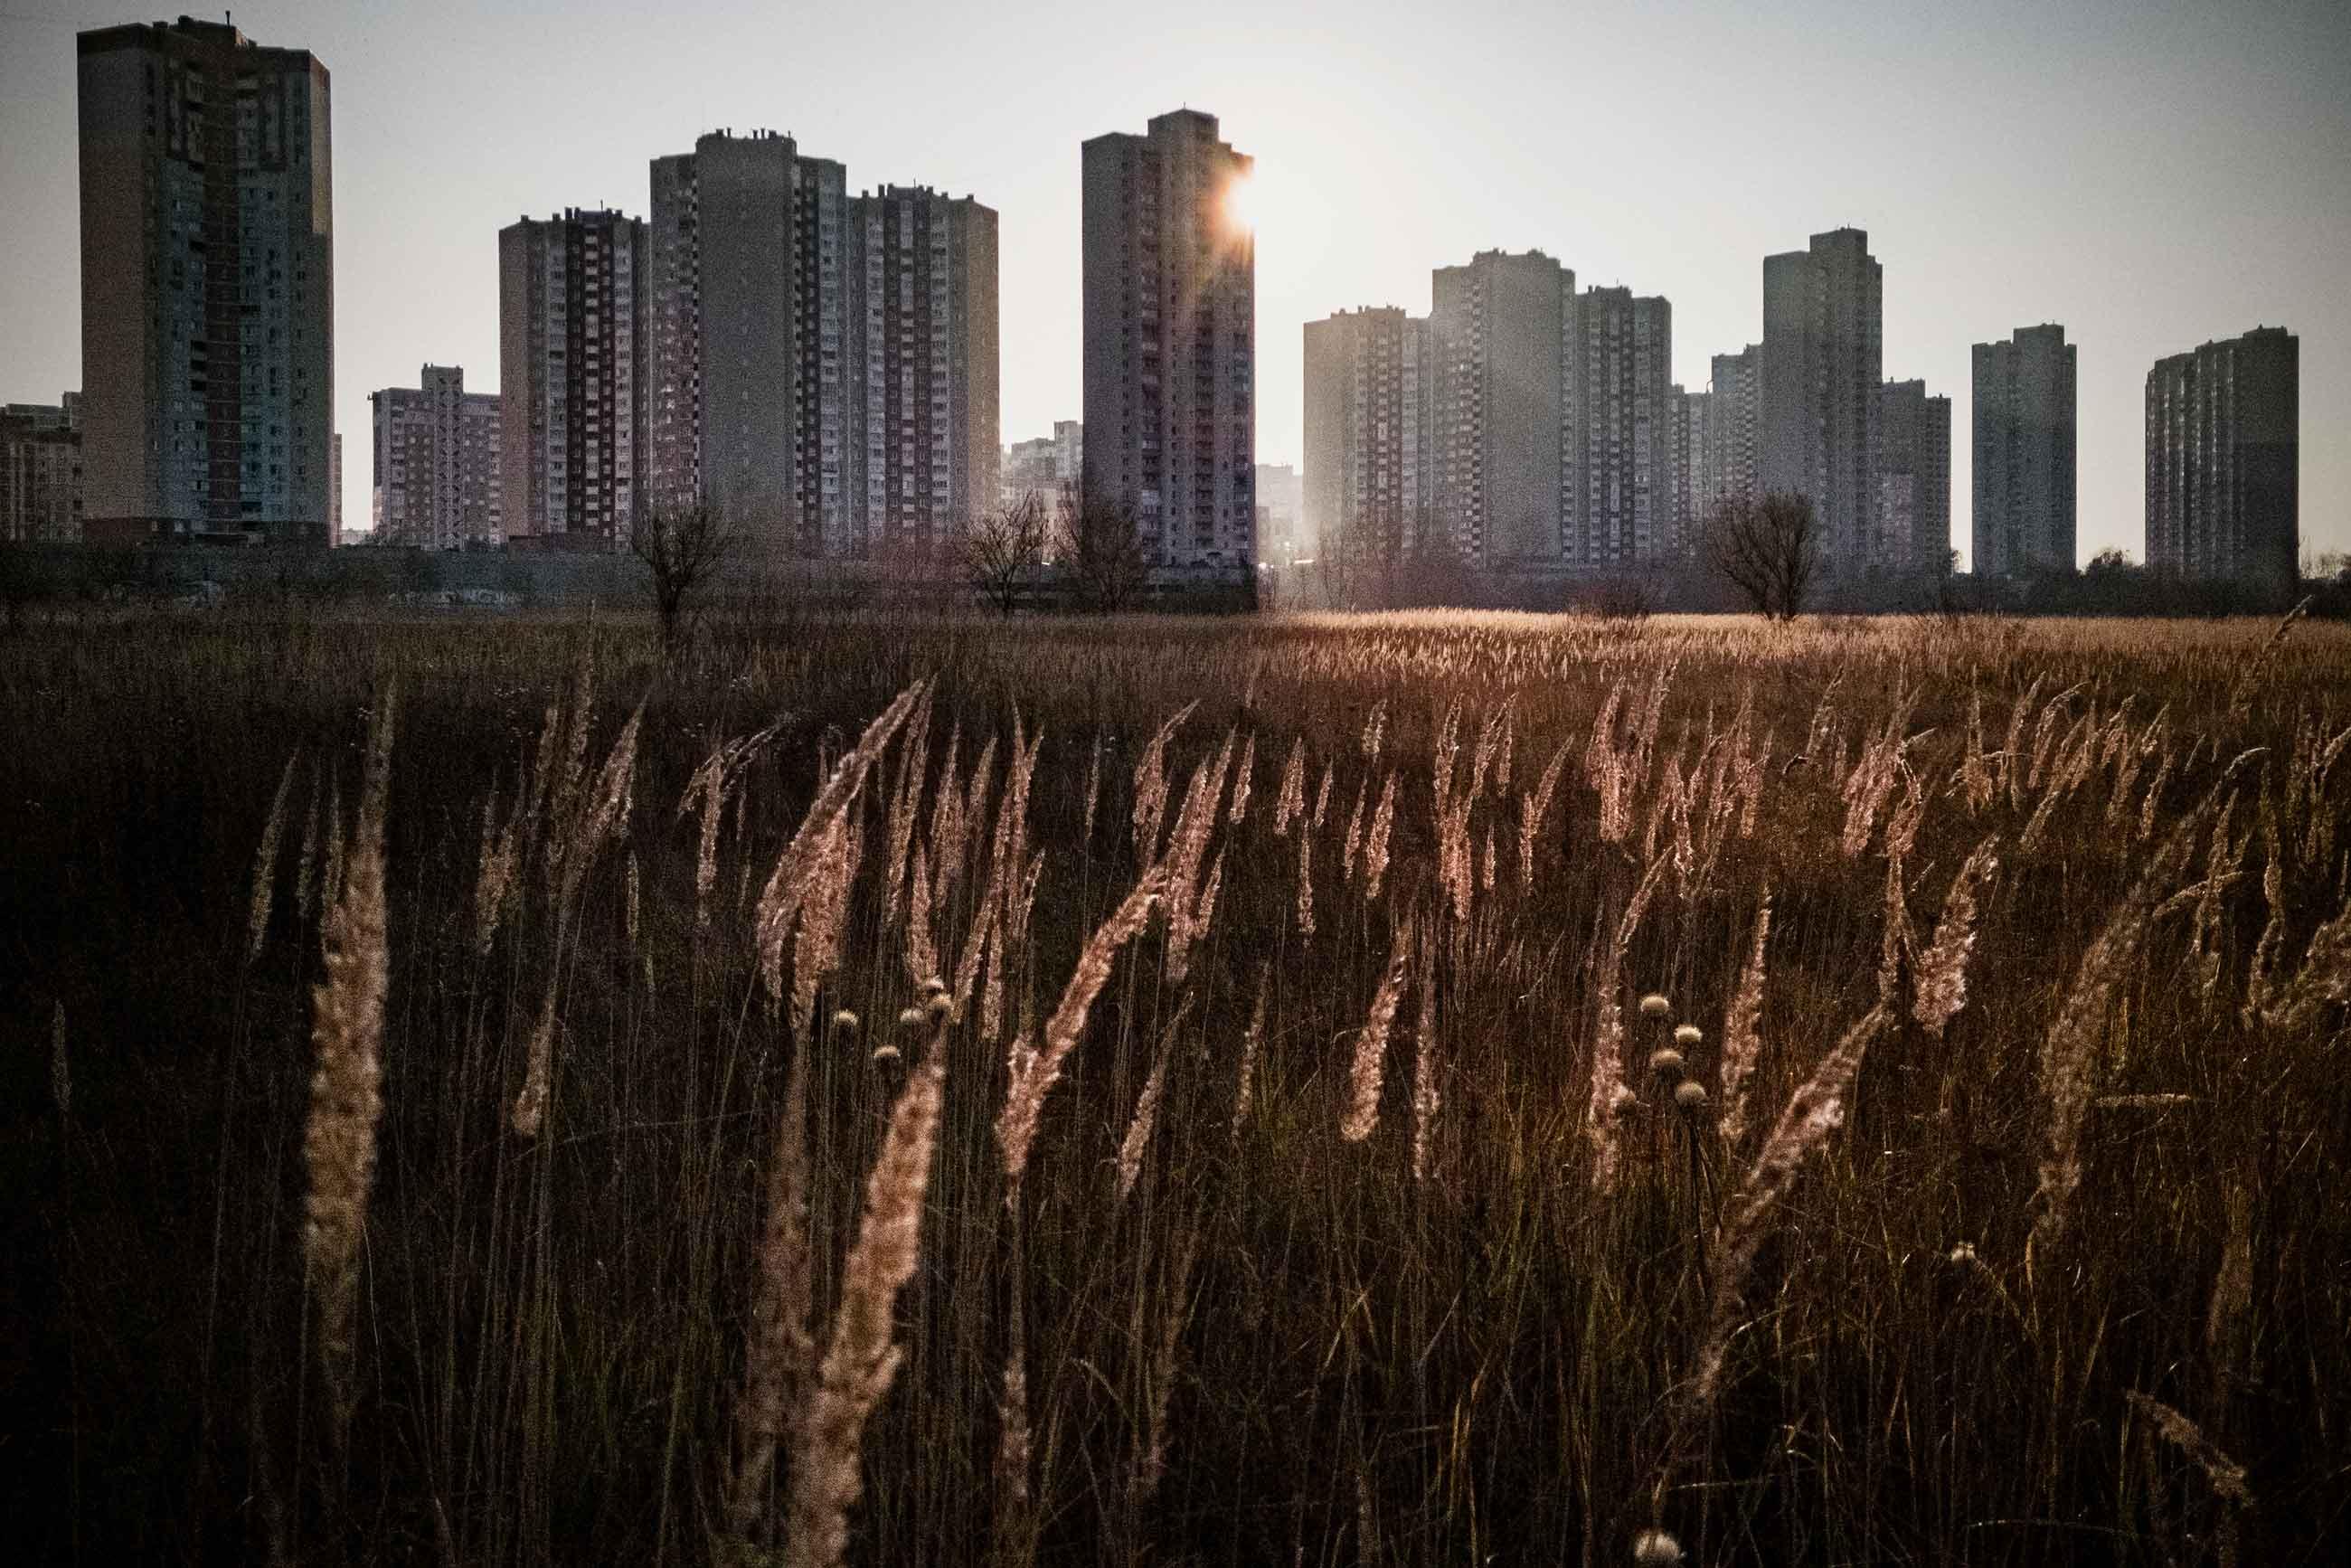 troeshka - <b>Заради масового житла в Києві знищили десятки поселень.</b> Розповідаємо, як це було - Заборона